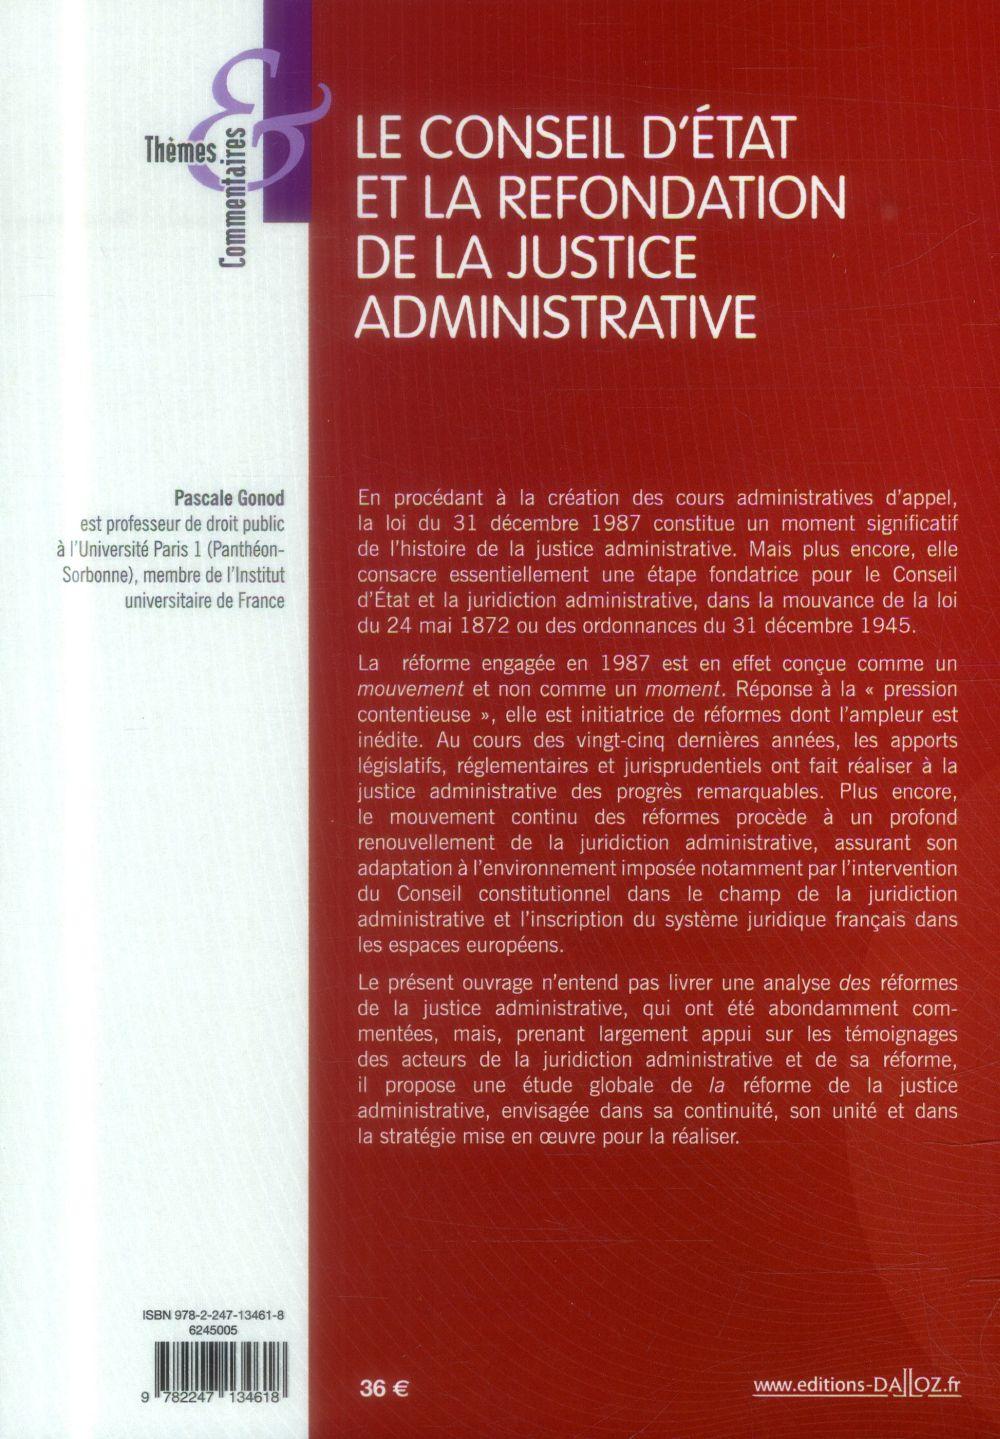 Le conseil d'Etat et la refondation de la justice administrative